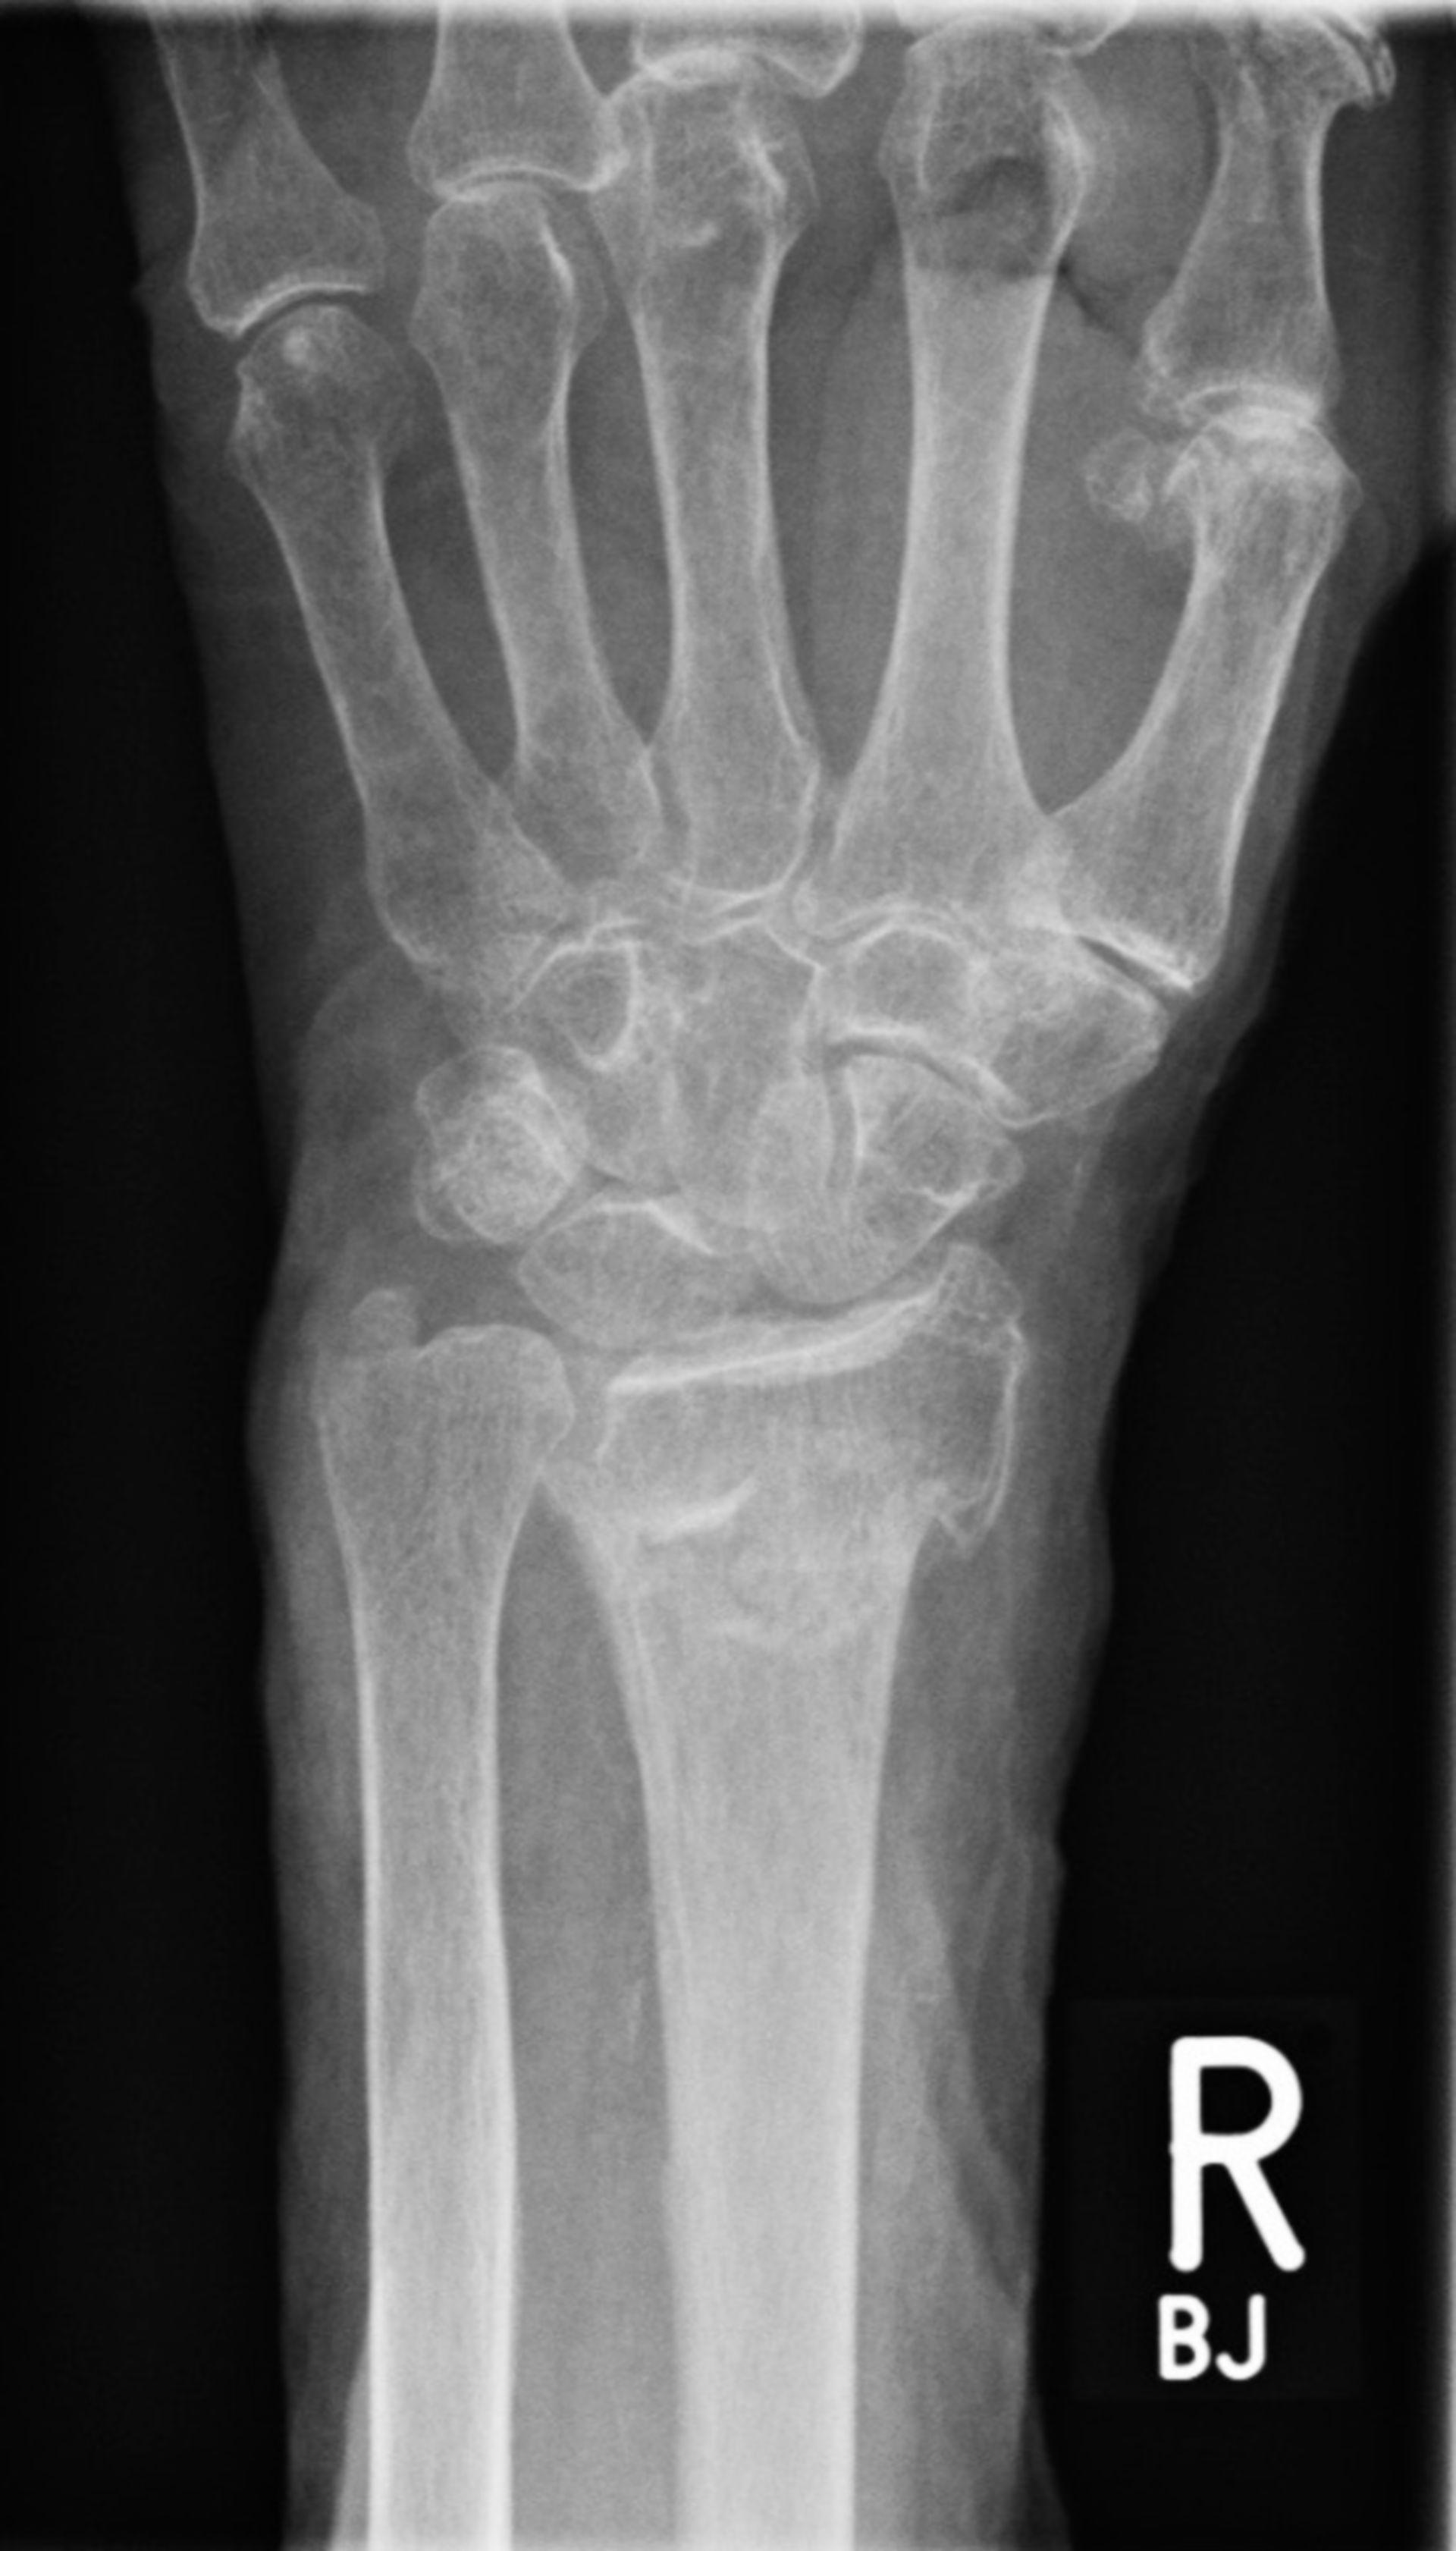 Röntgen des kompletten Unterarmes links mit distaler Radius- und Ulnafraktur